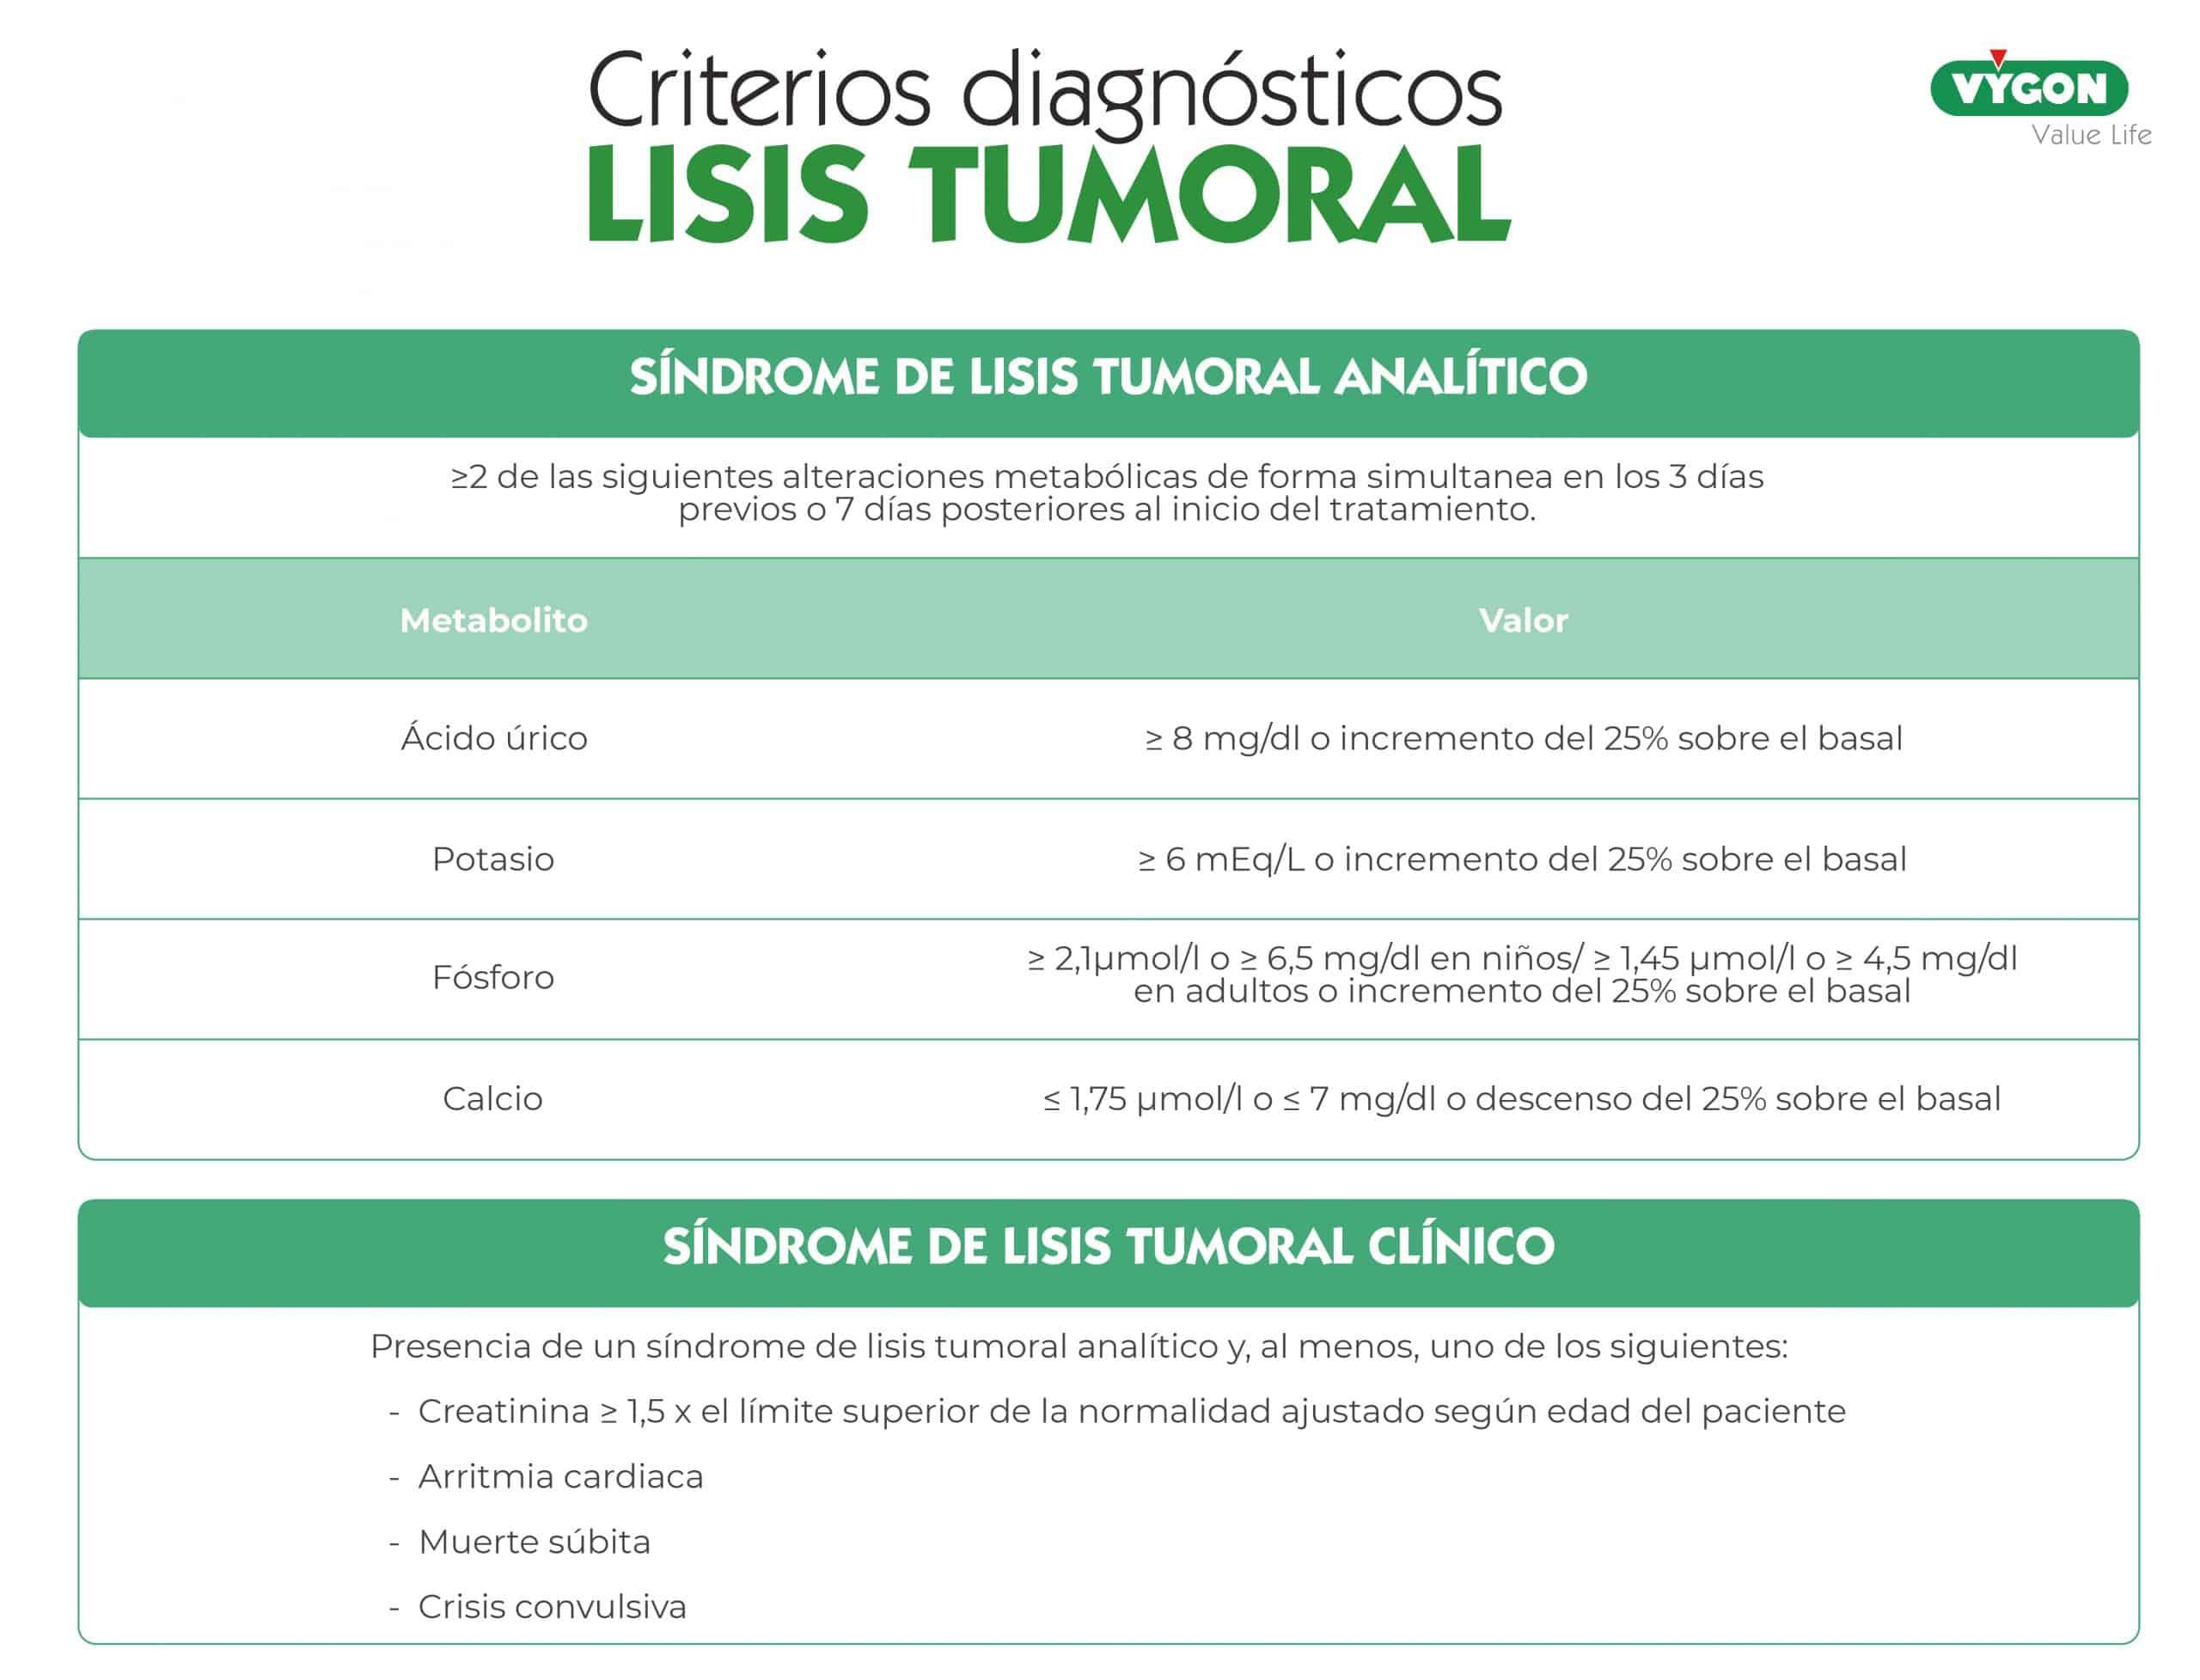 criterios de diagnostico lisis tumoral